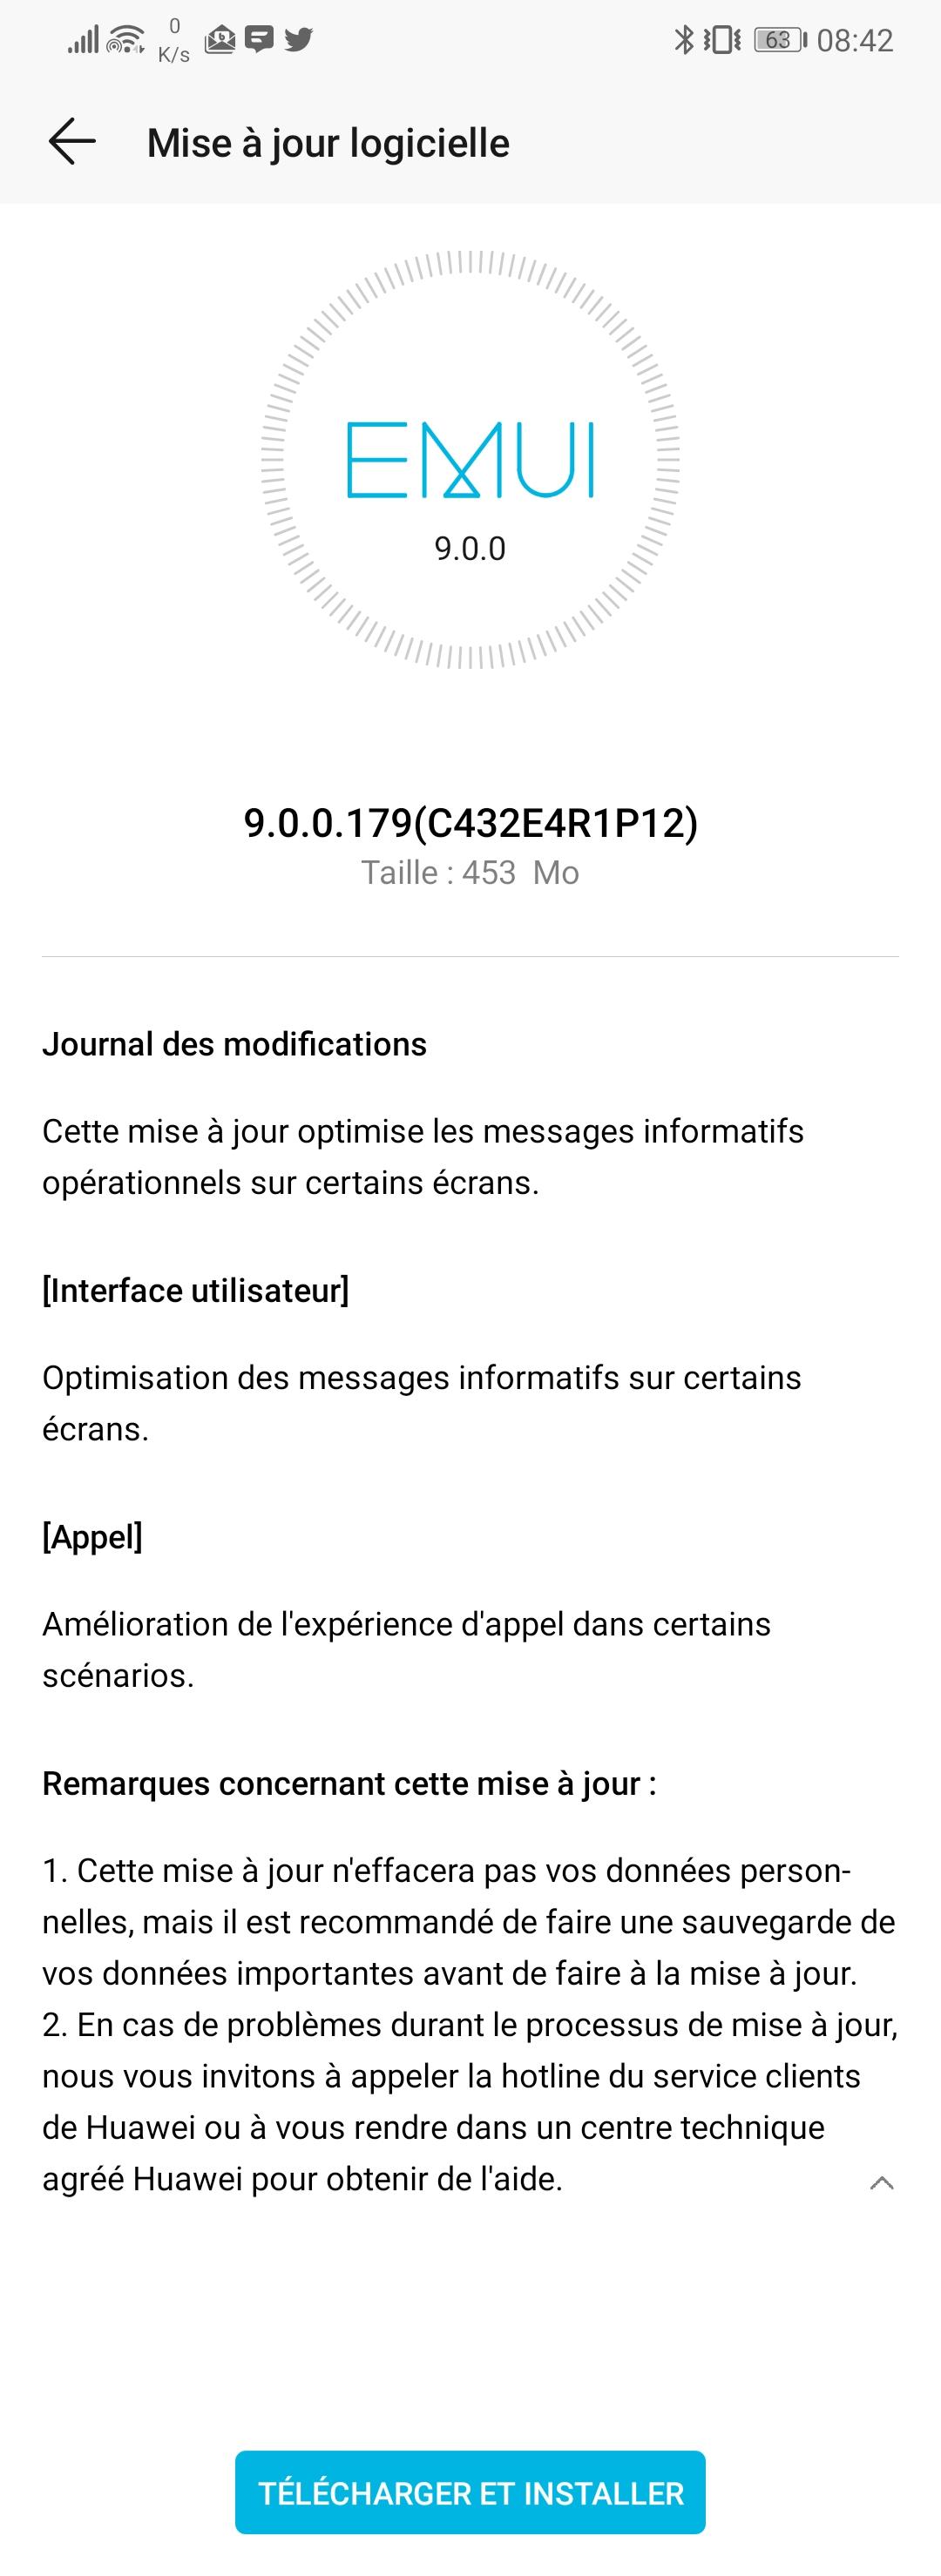 20190222_COL-L29 9.0.0.179(C432E4R1P12) (2)